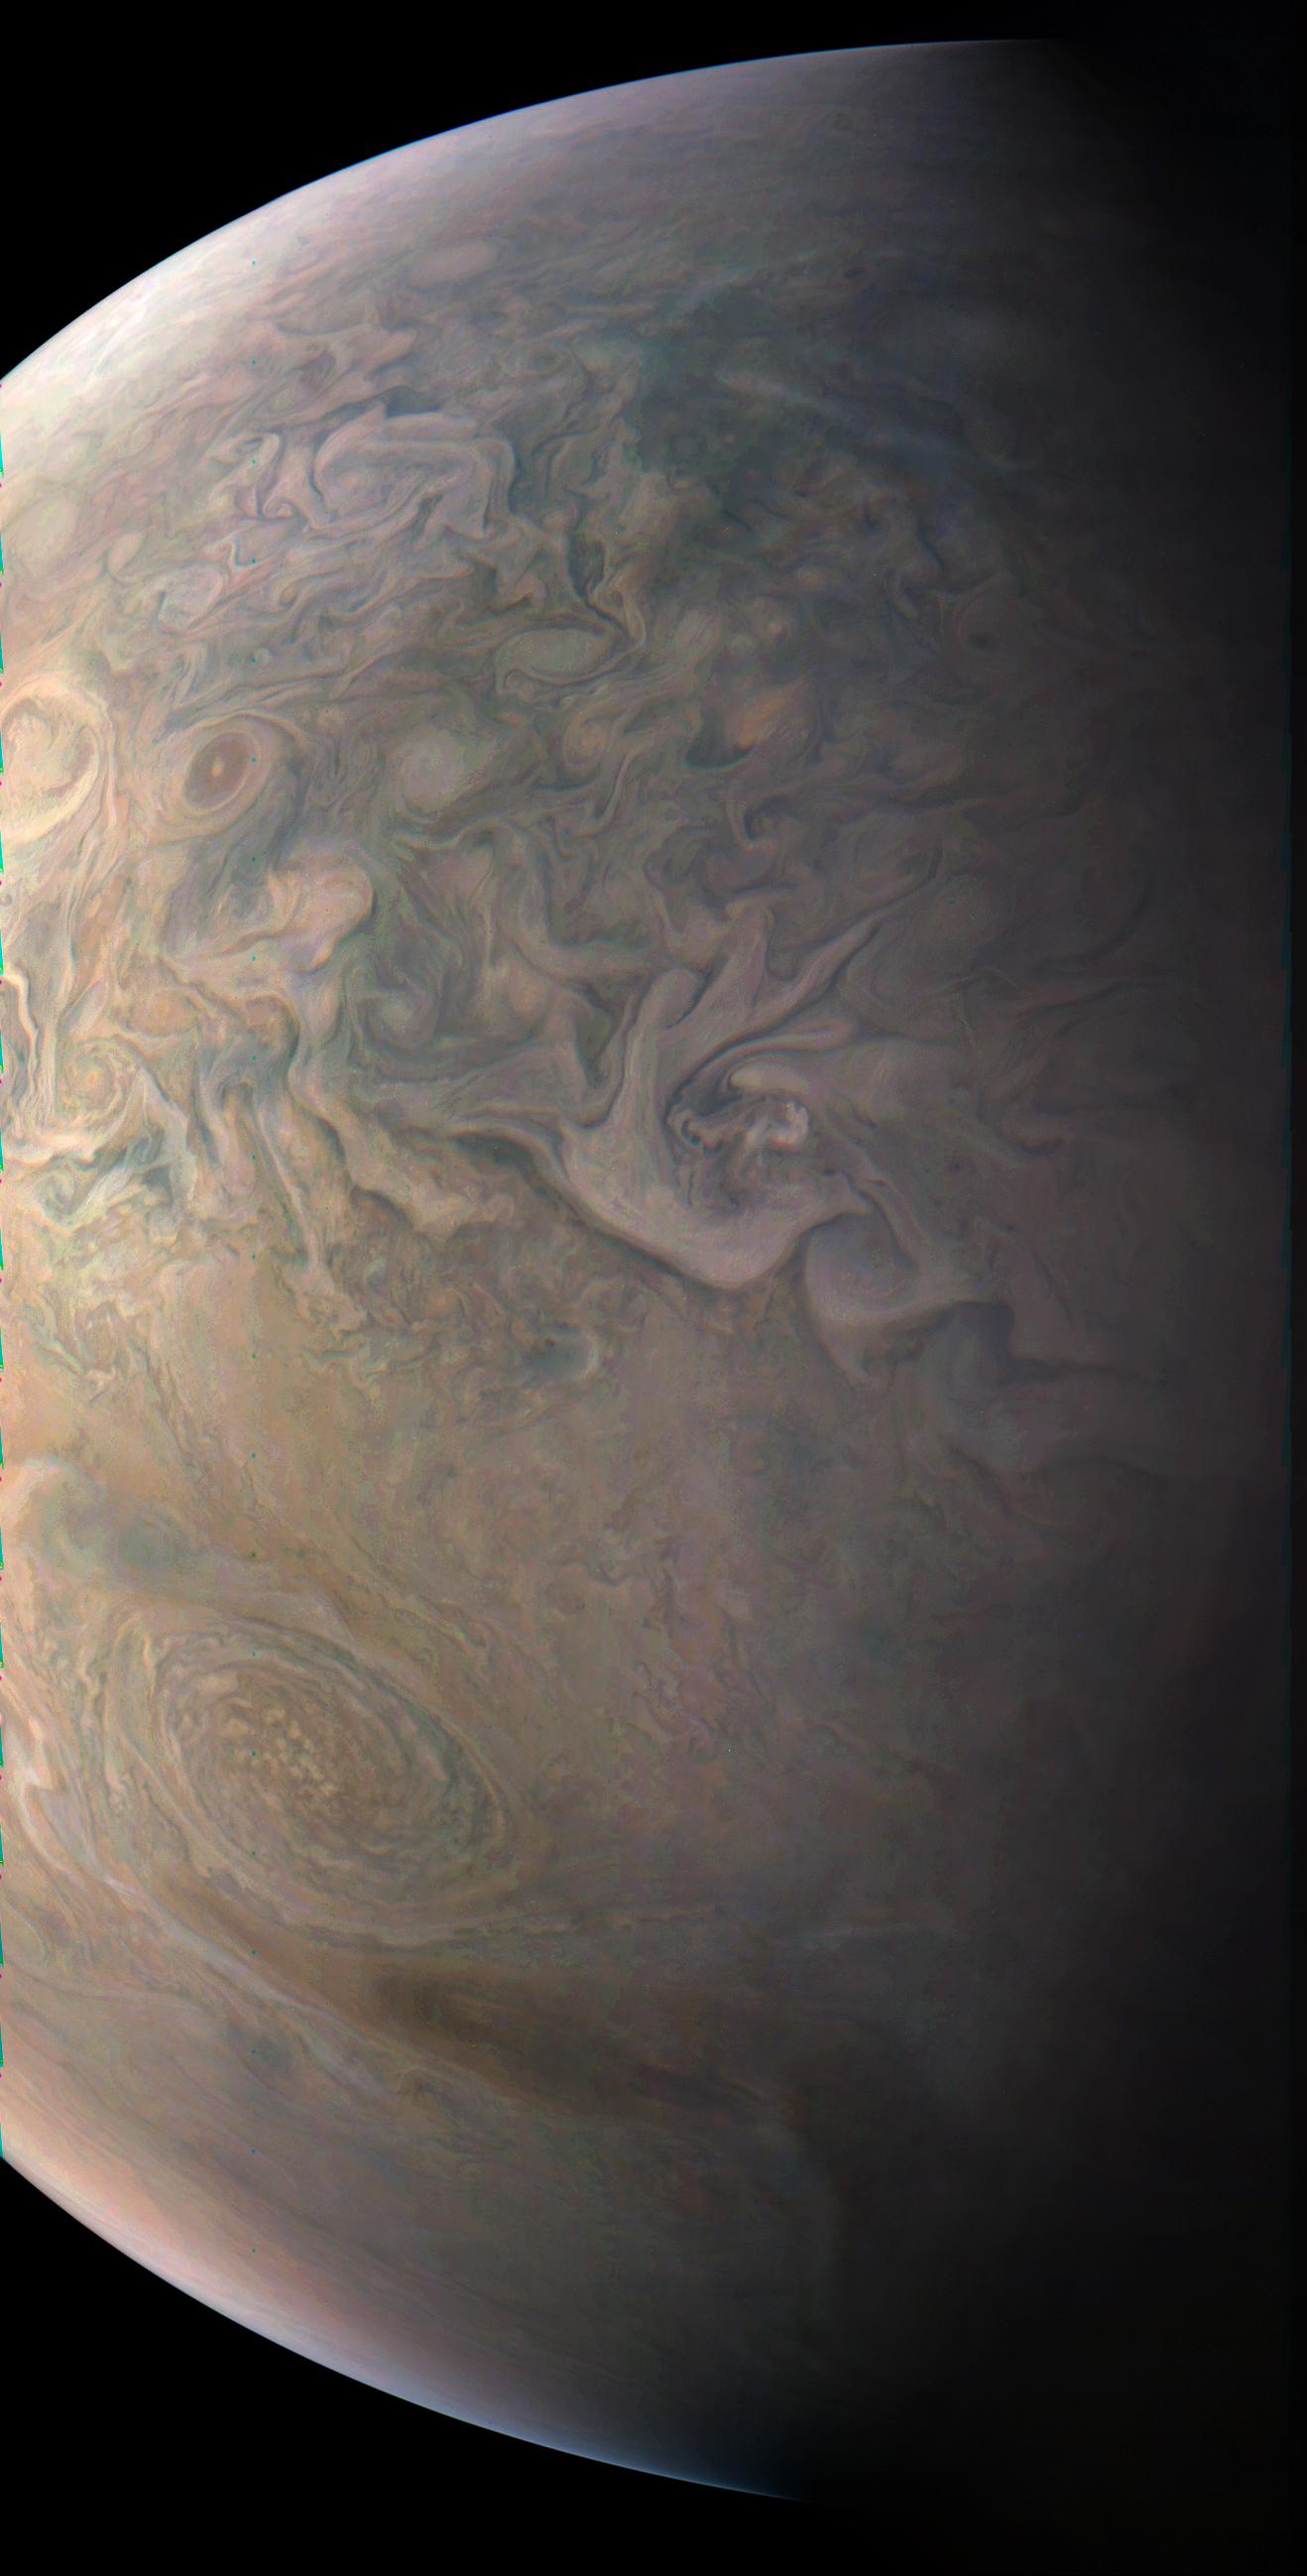 Jupiter's Little Red Spot Eyed by NASA Spacecraft (Photo)